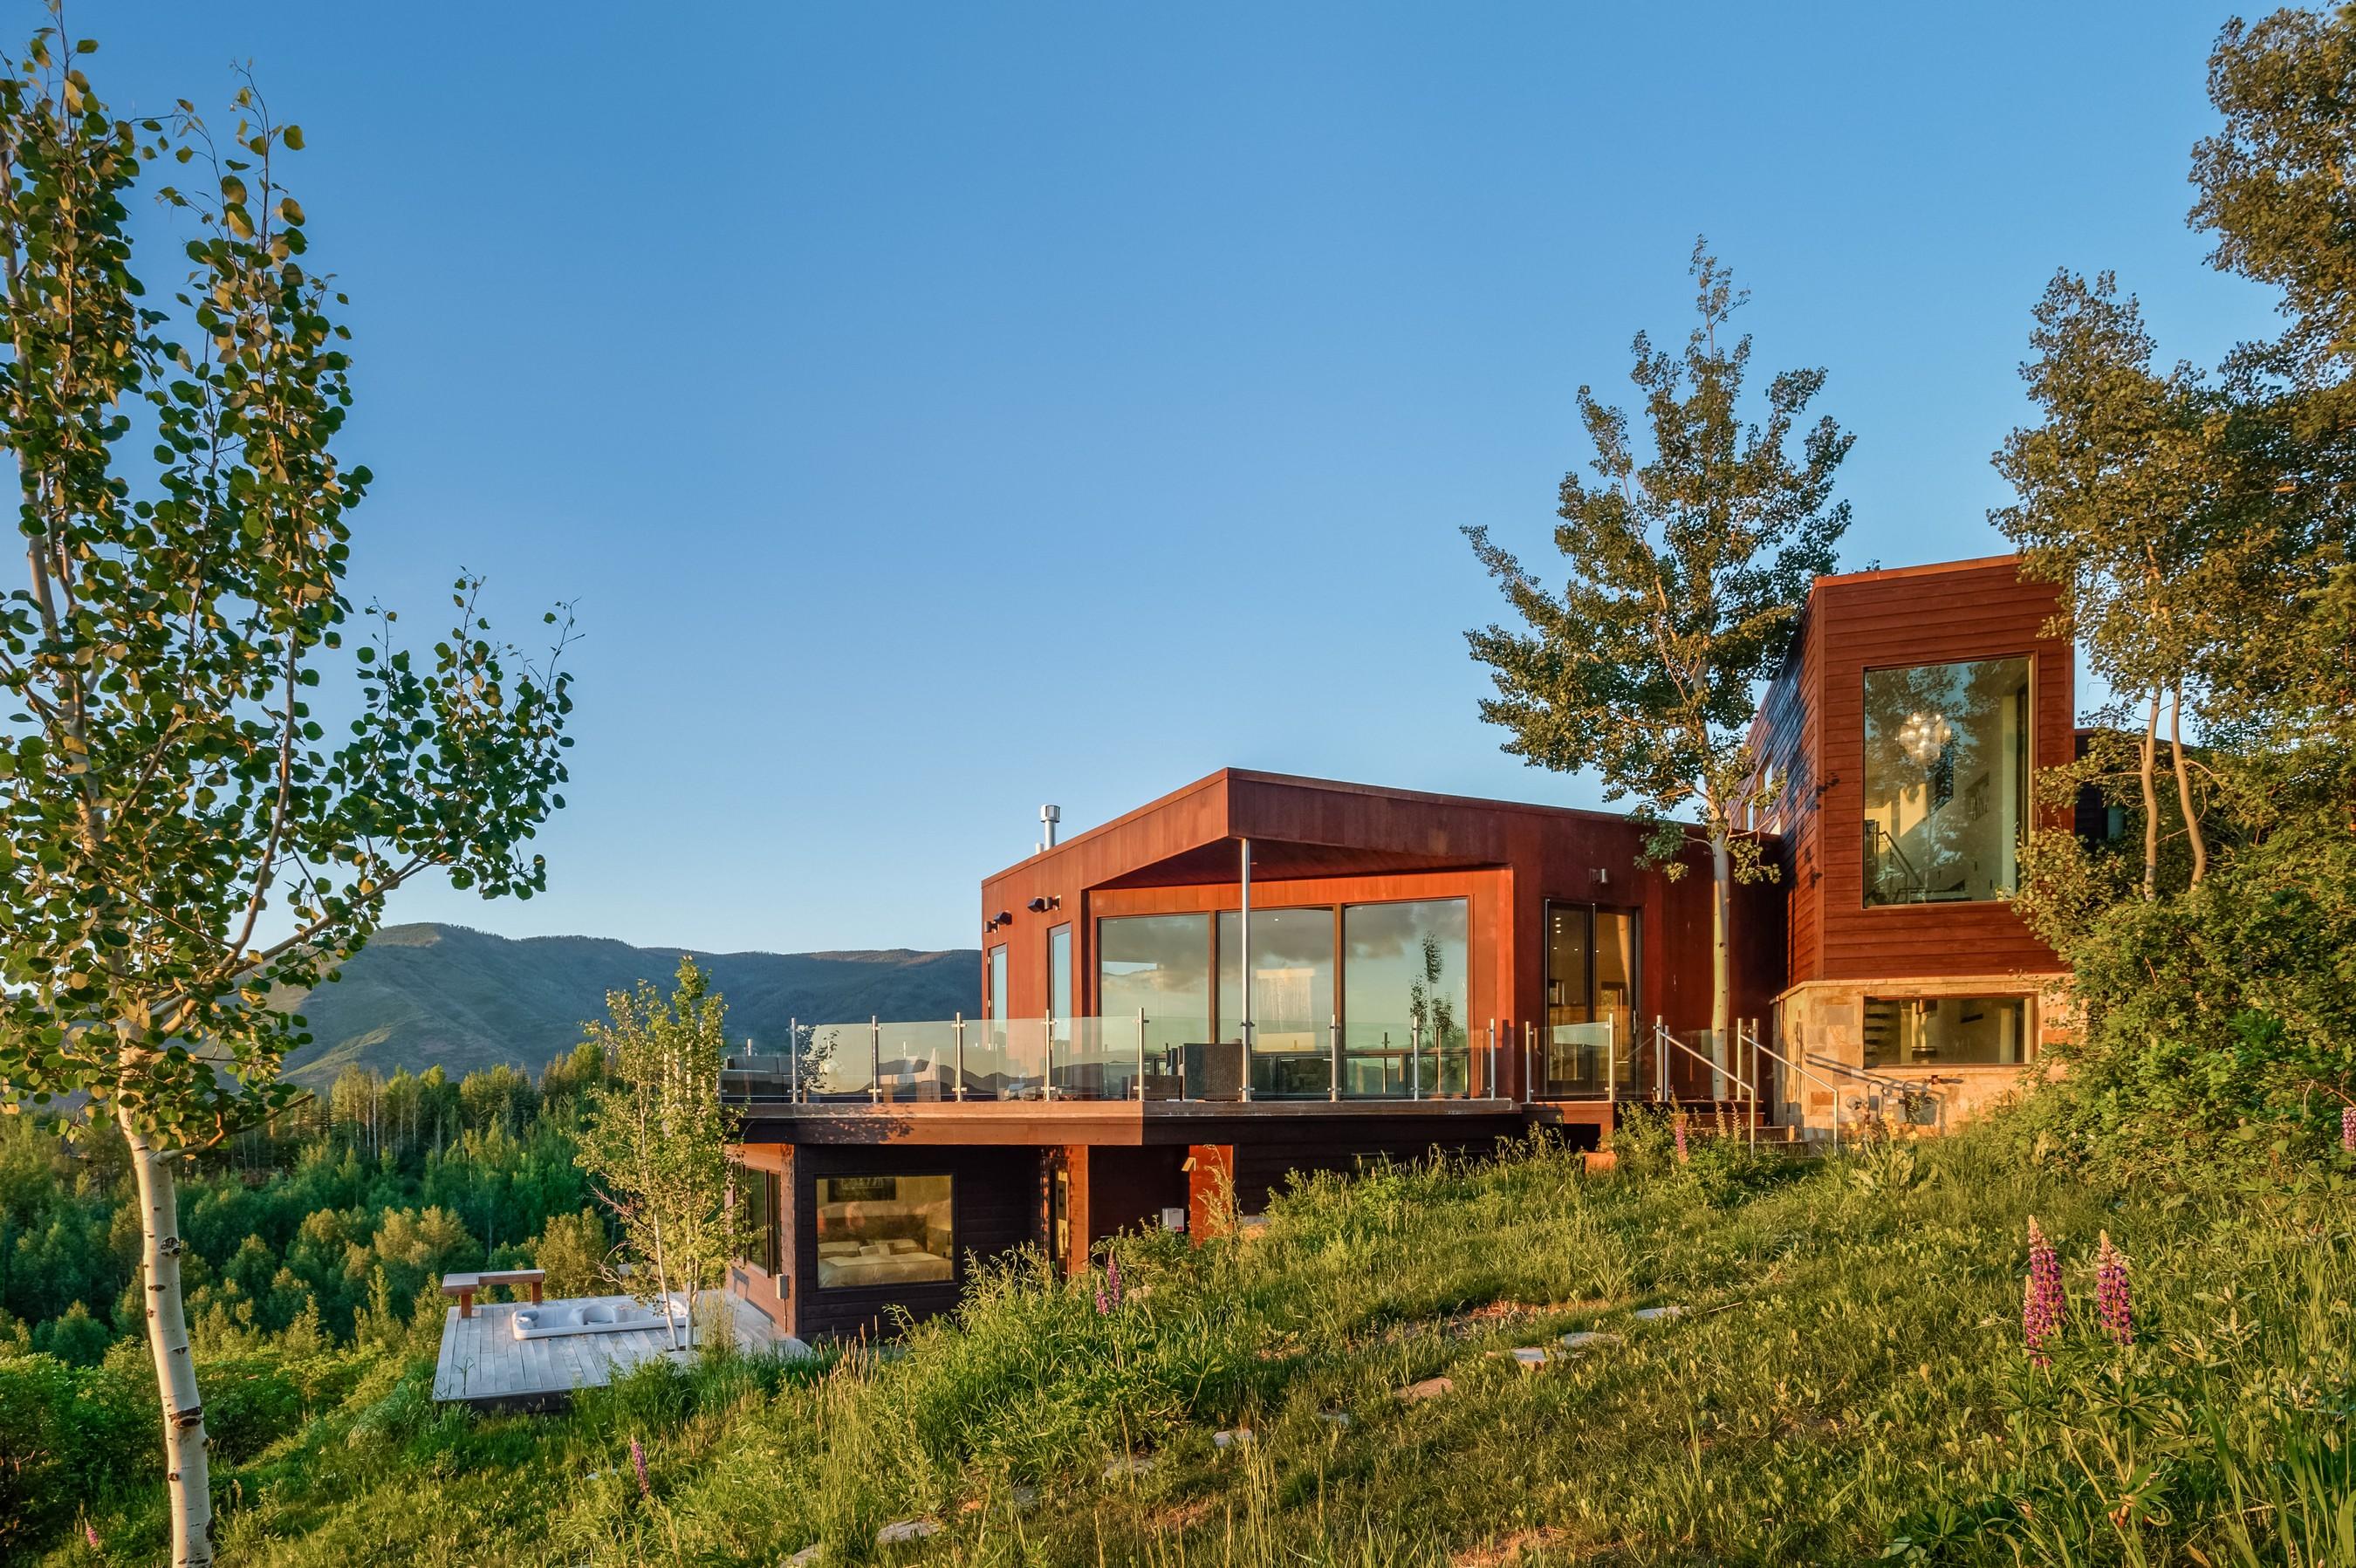 Частный односемейный дом для того Продажа на Contemporary Starwood Estate 567 North Starwood Drive Aspen, Колорадо 81611 Соединенные Штаты